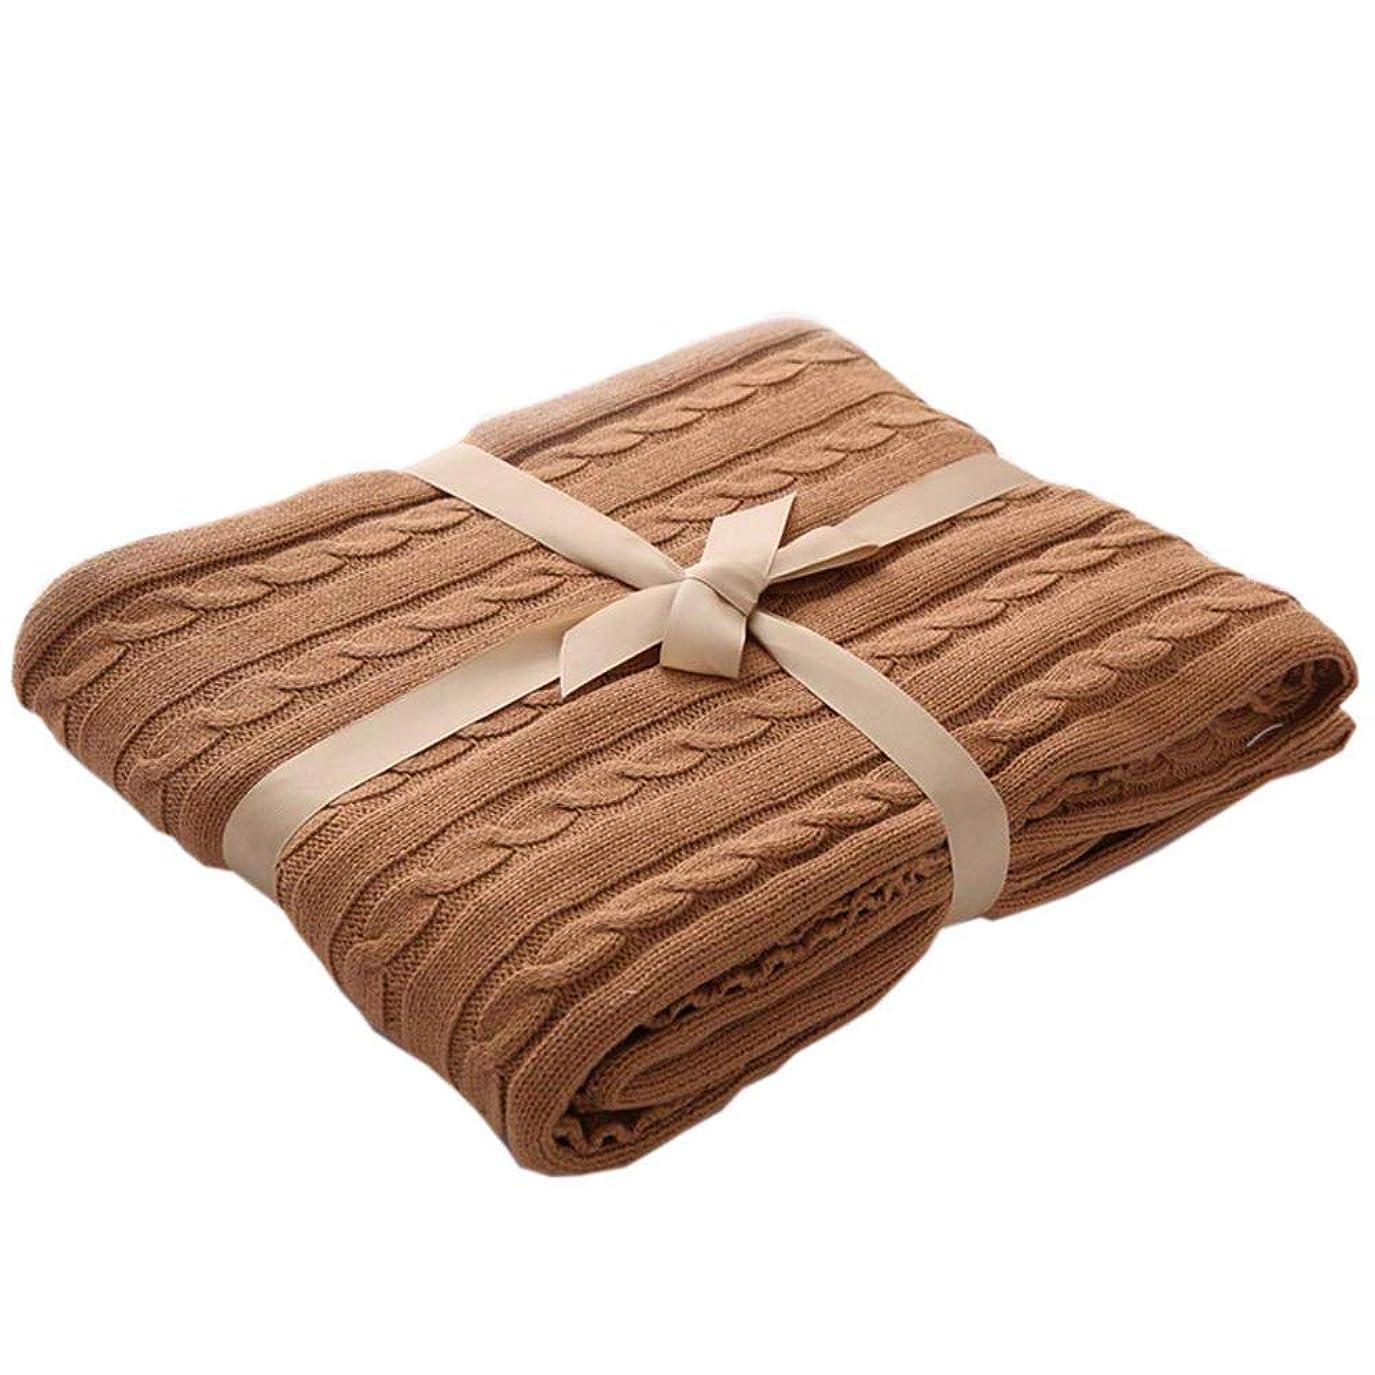 慣れている軍団繁栄毛布 綿毛布 ソファーカバー マルチカバー ベッドカバー おしゃれ ブランケット 北欧風 綿100% 純粋綿 オールシーズン エアコン対策 大判 厚手 洗える 130x180cm (ブラウン, 130x180cm)